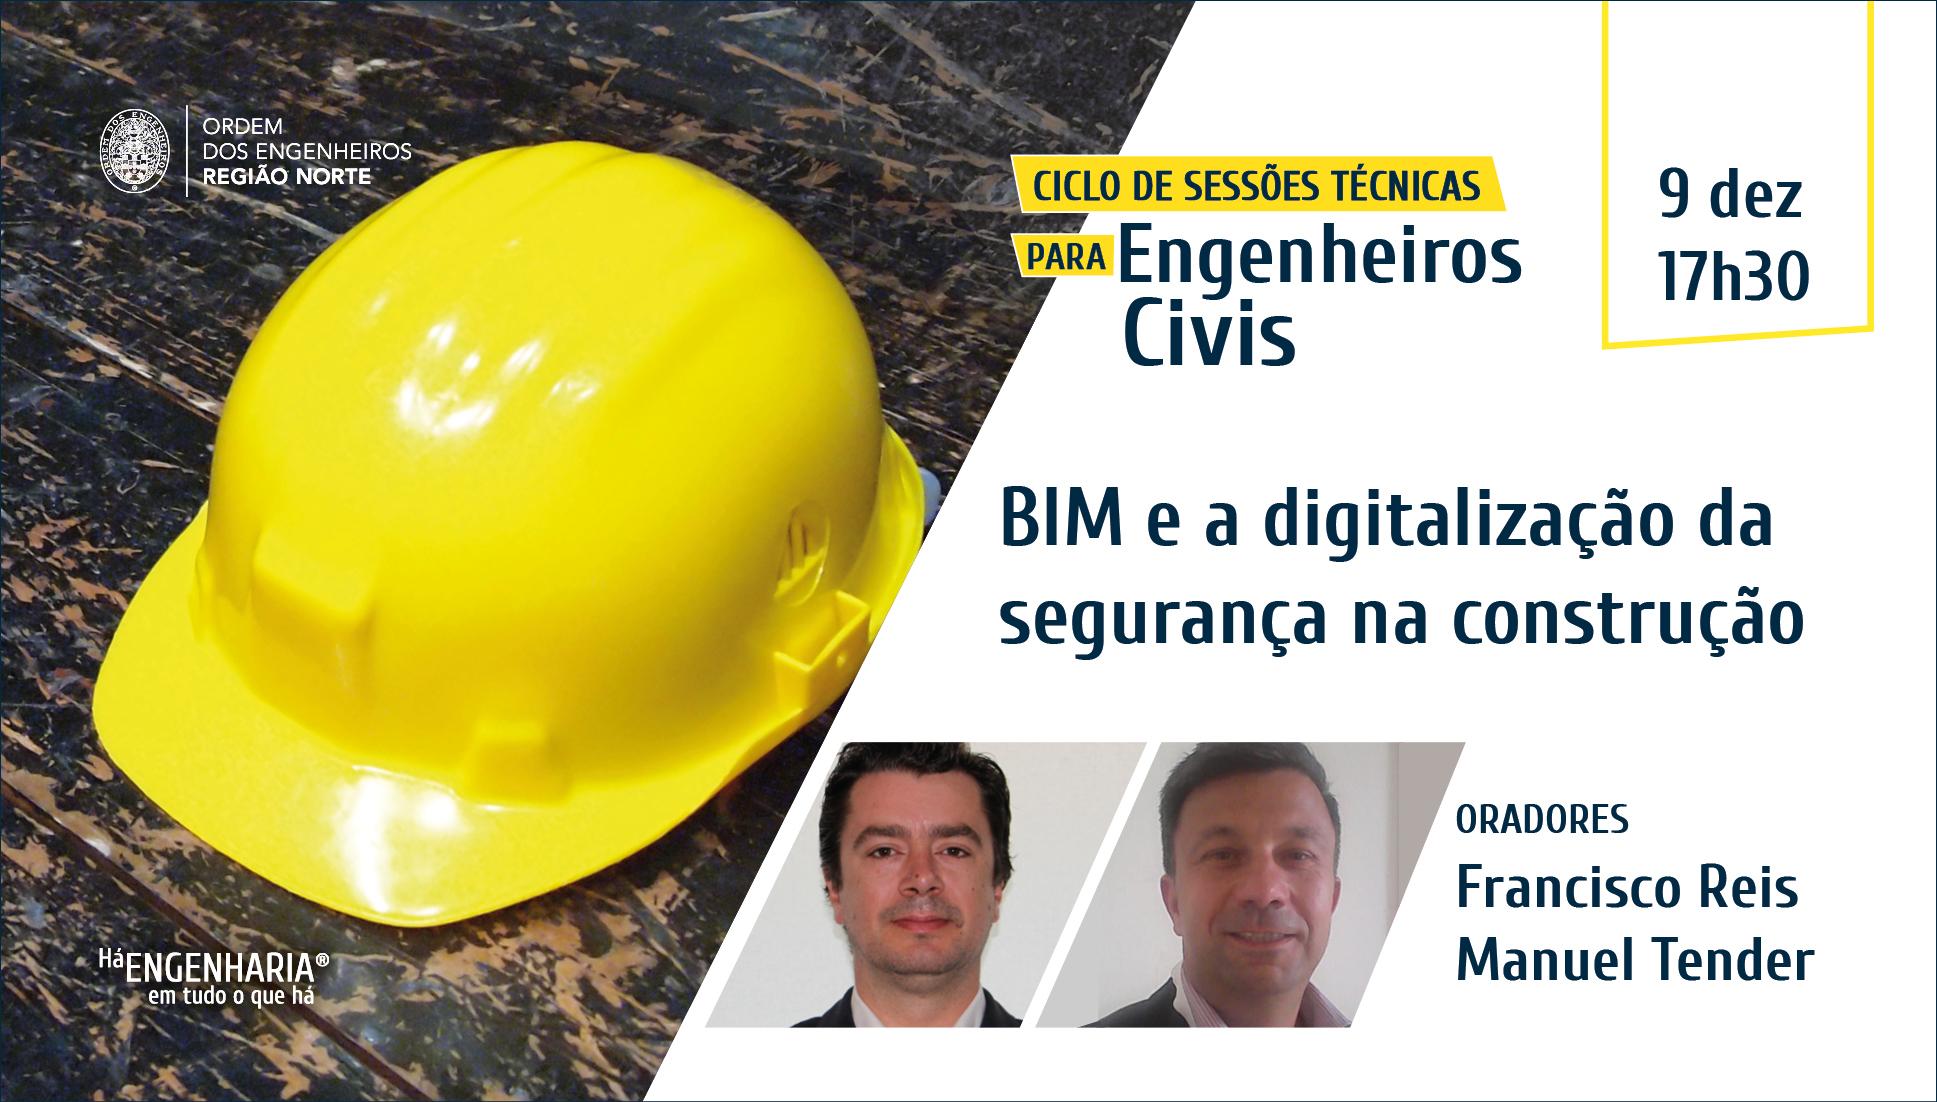 Plataforma Notícias Ordem Engenheiros Região Norte - [Sessão Técnica] BIM e a digitalização